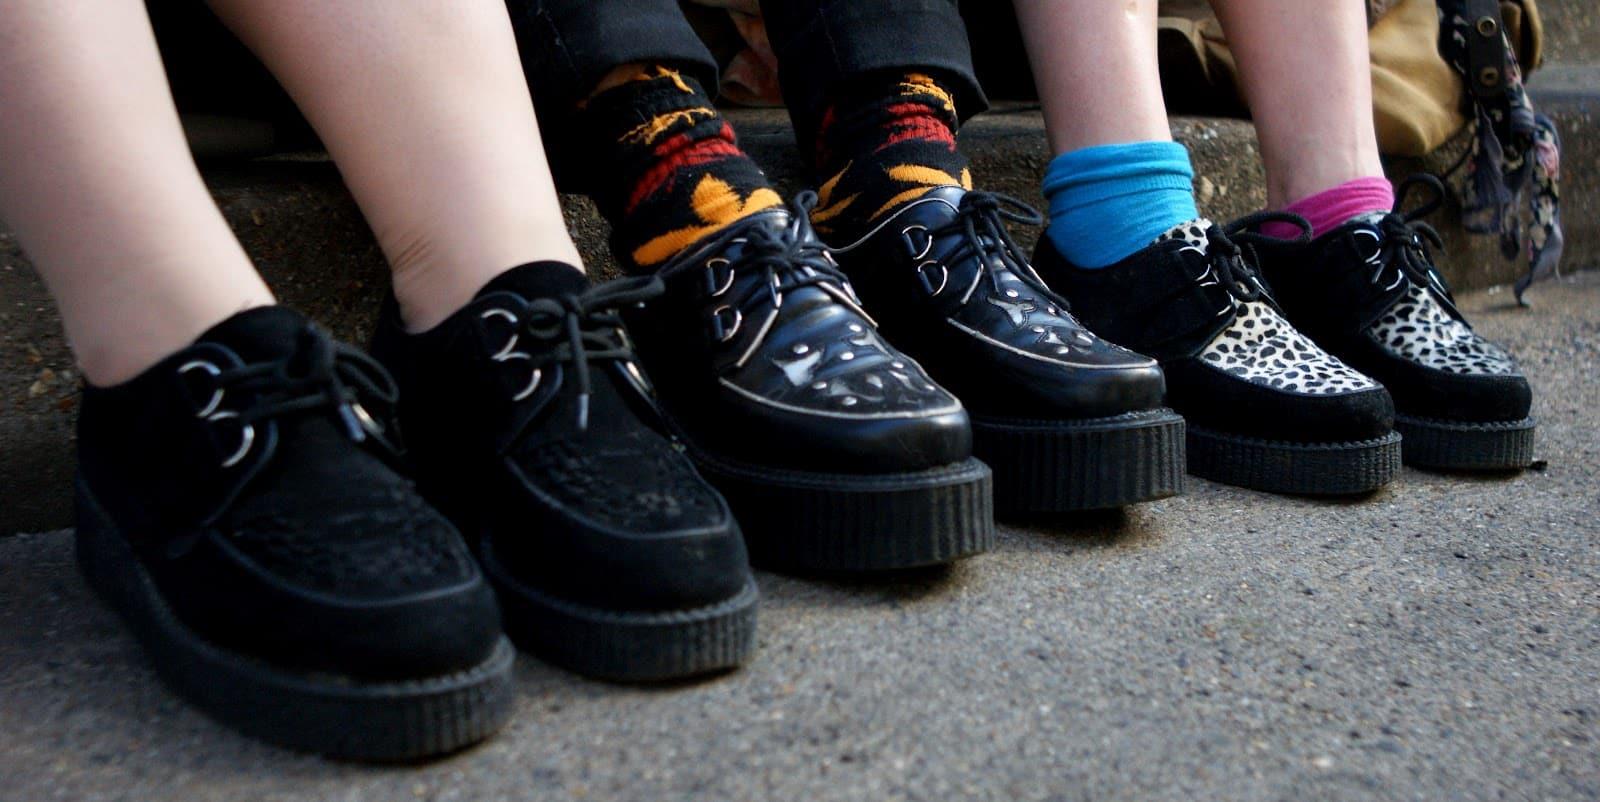 Moda anos 90: Roupas, sapatos e acessórios que estão voltando